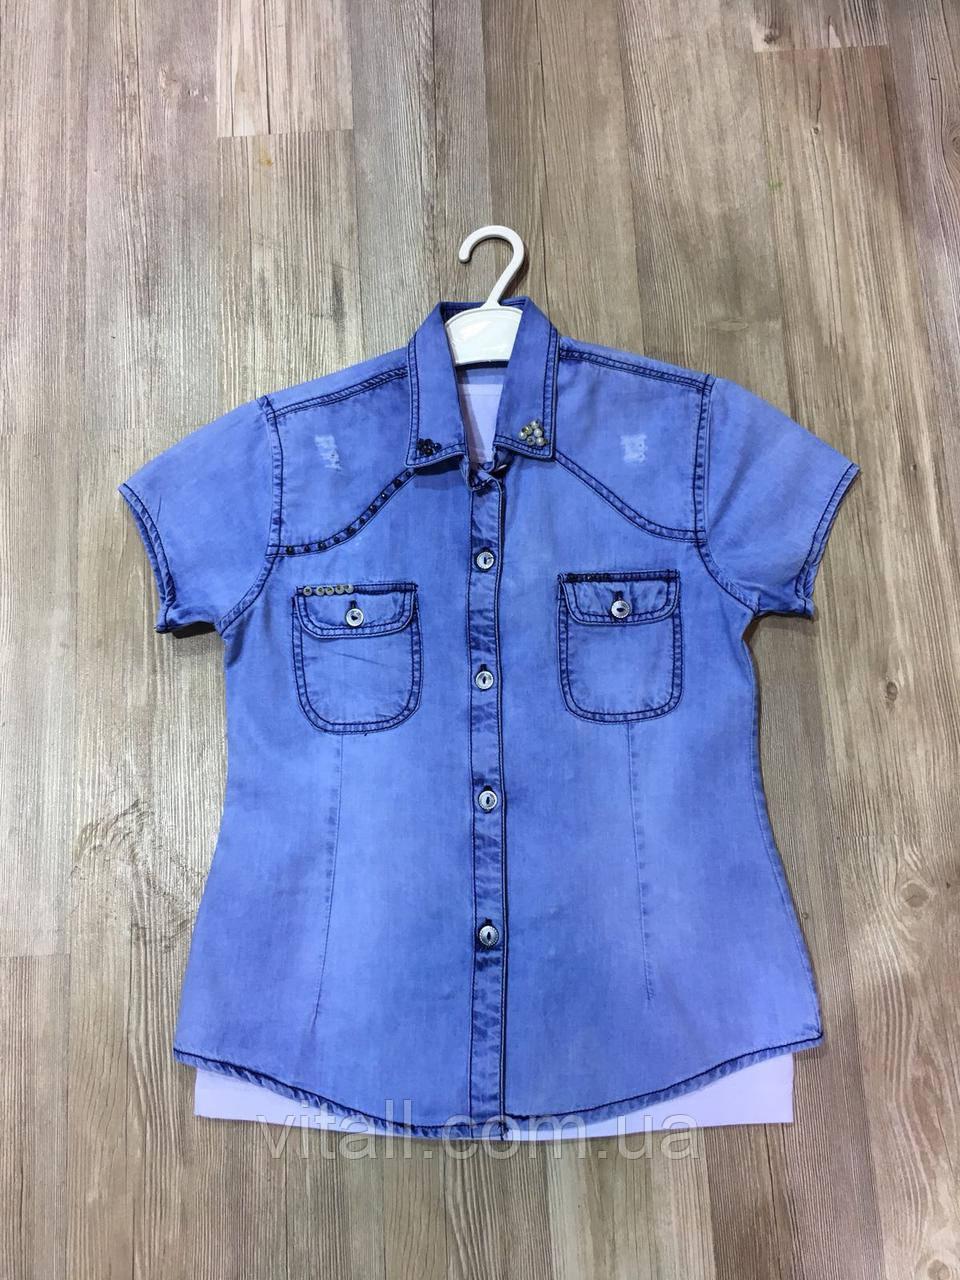 Рубашка двойка джинсовая 8-12 лет для девочки